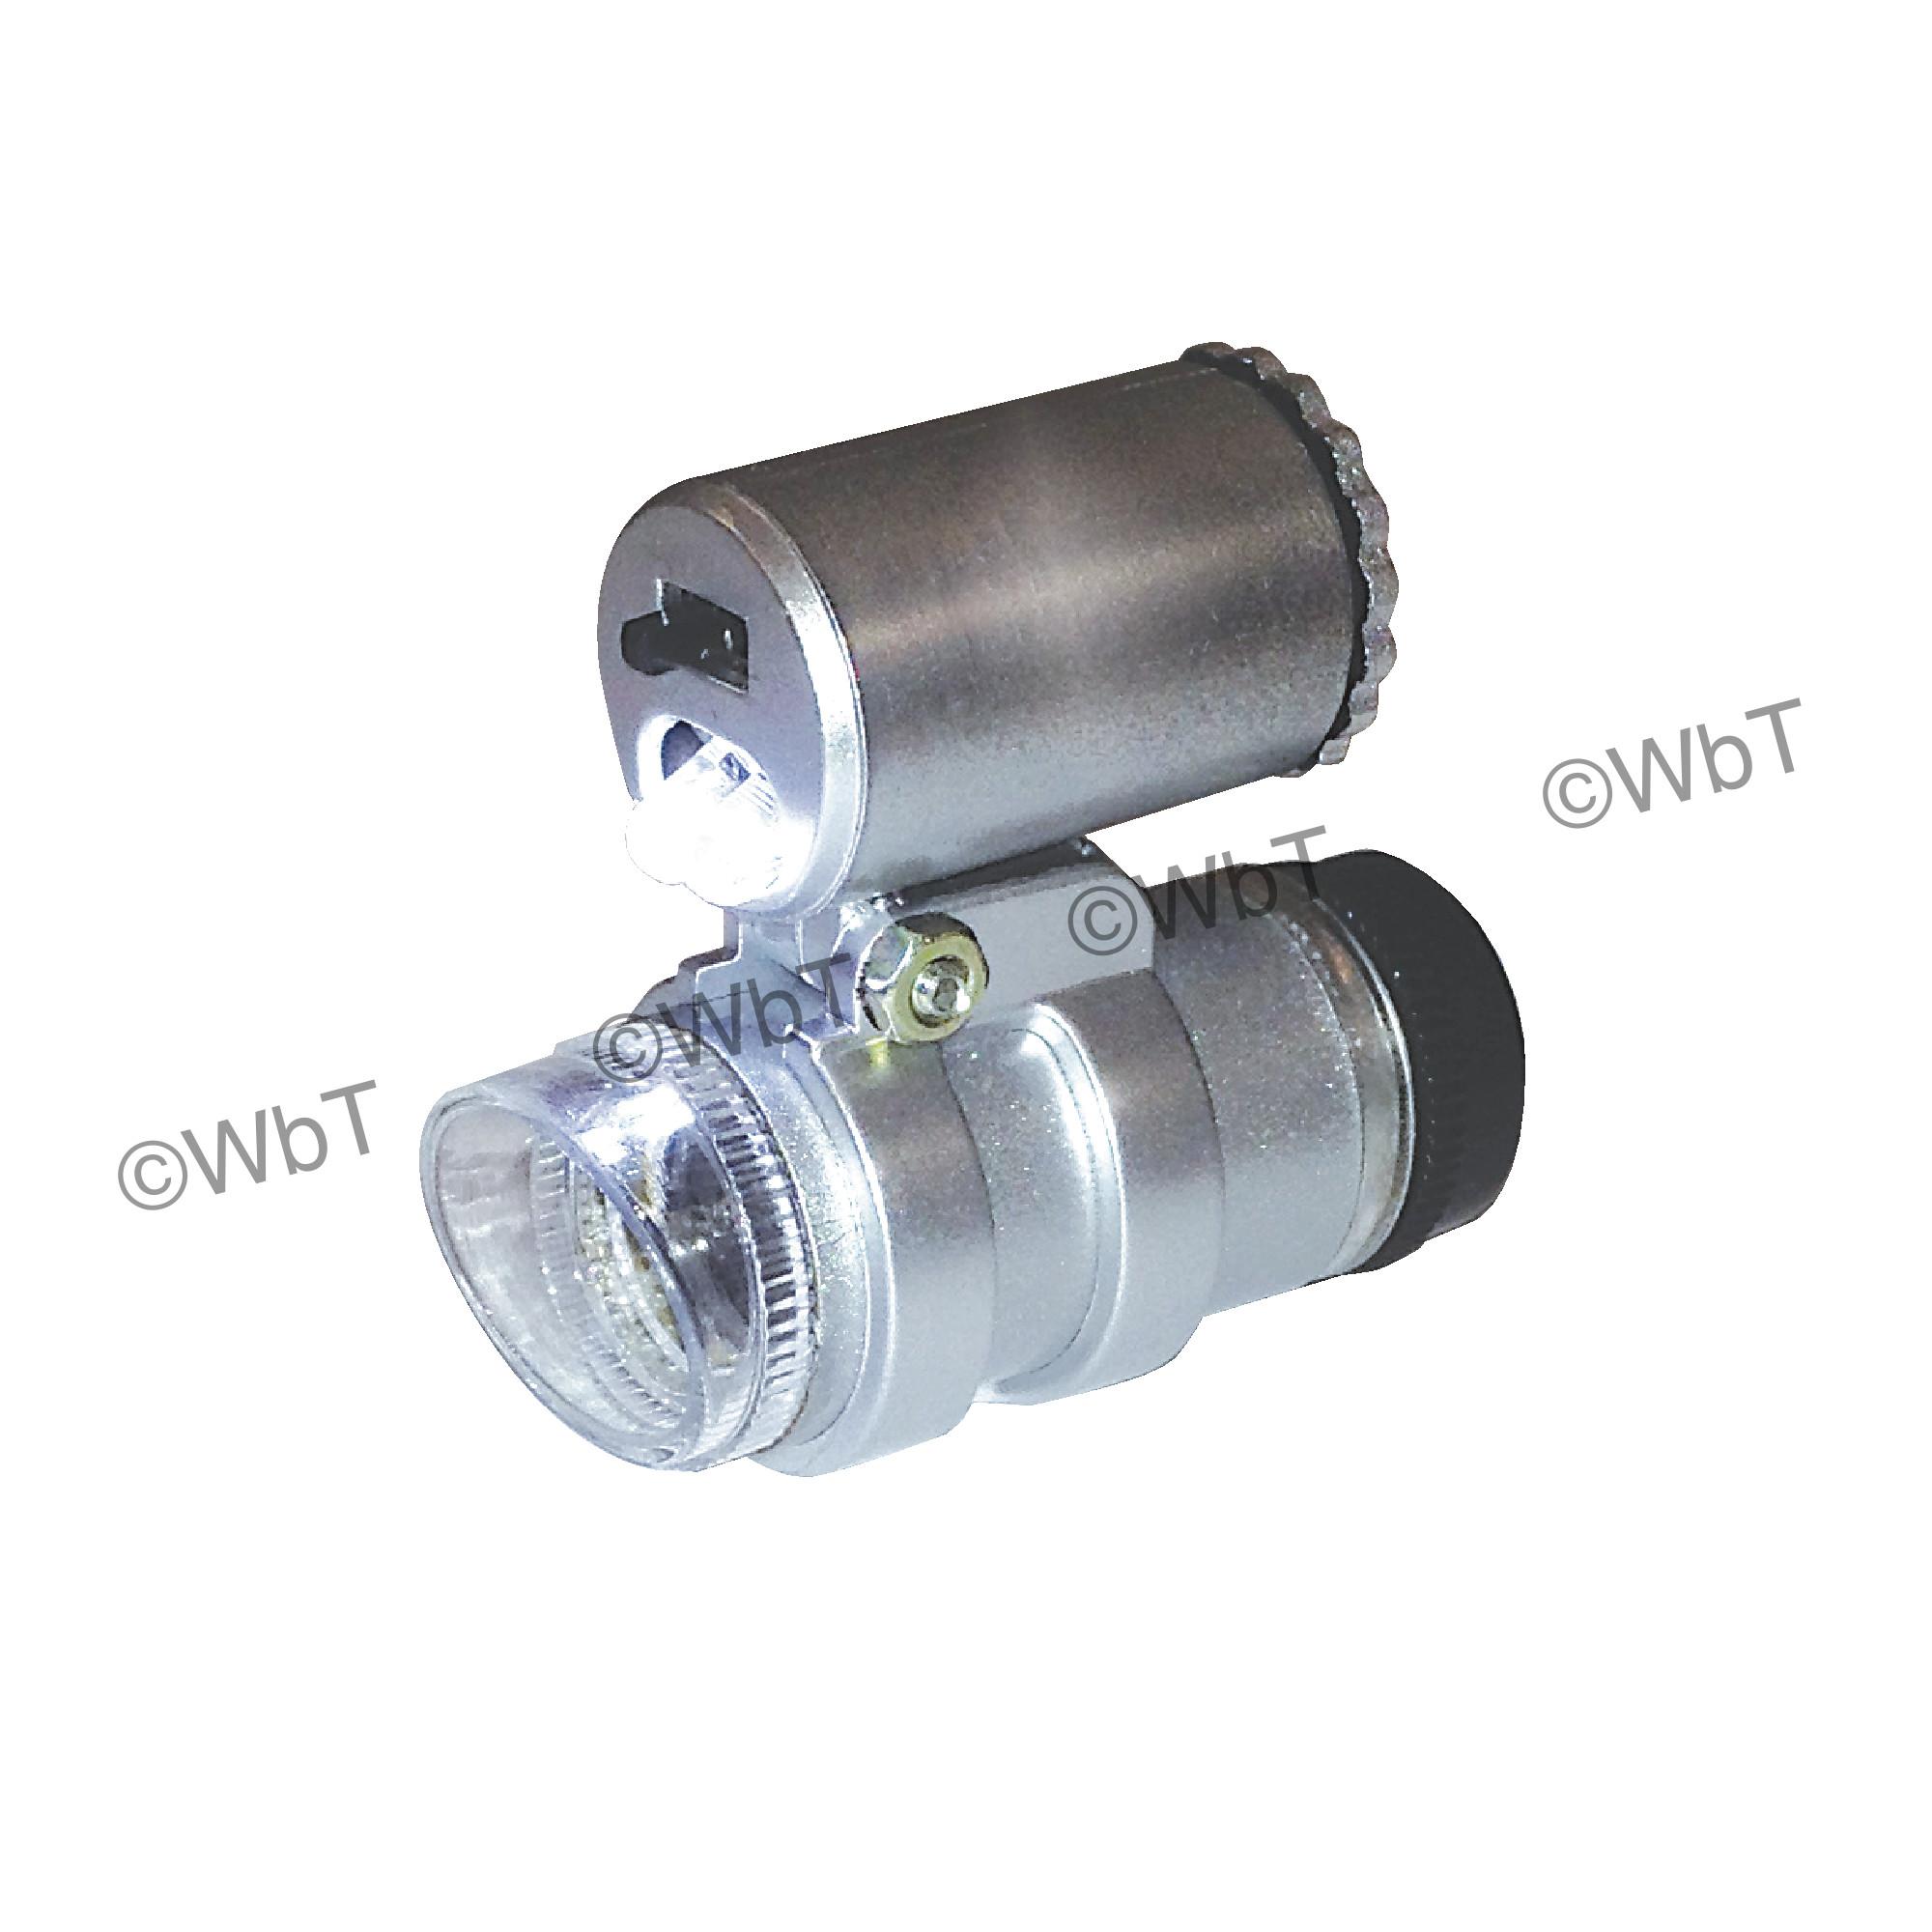 45X LED Pocket Magnifier